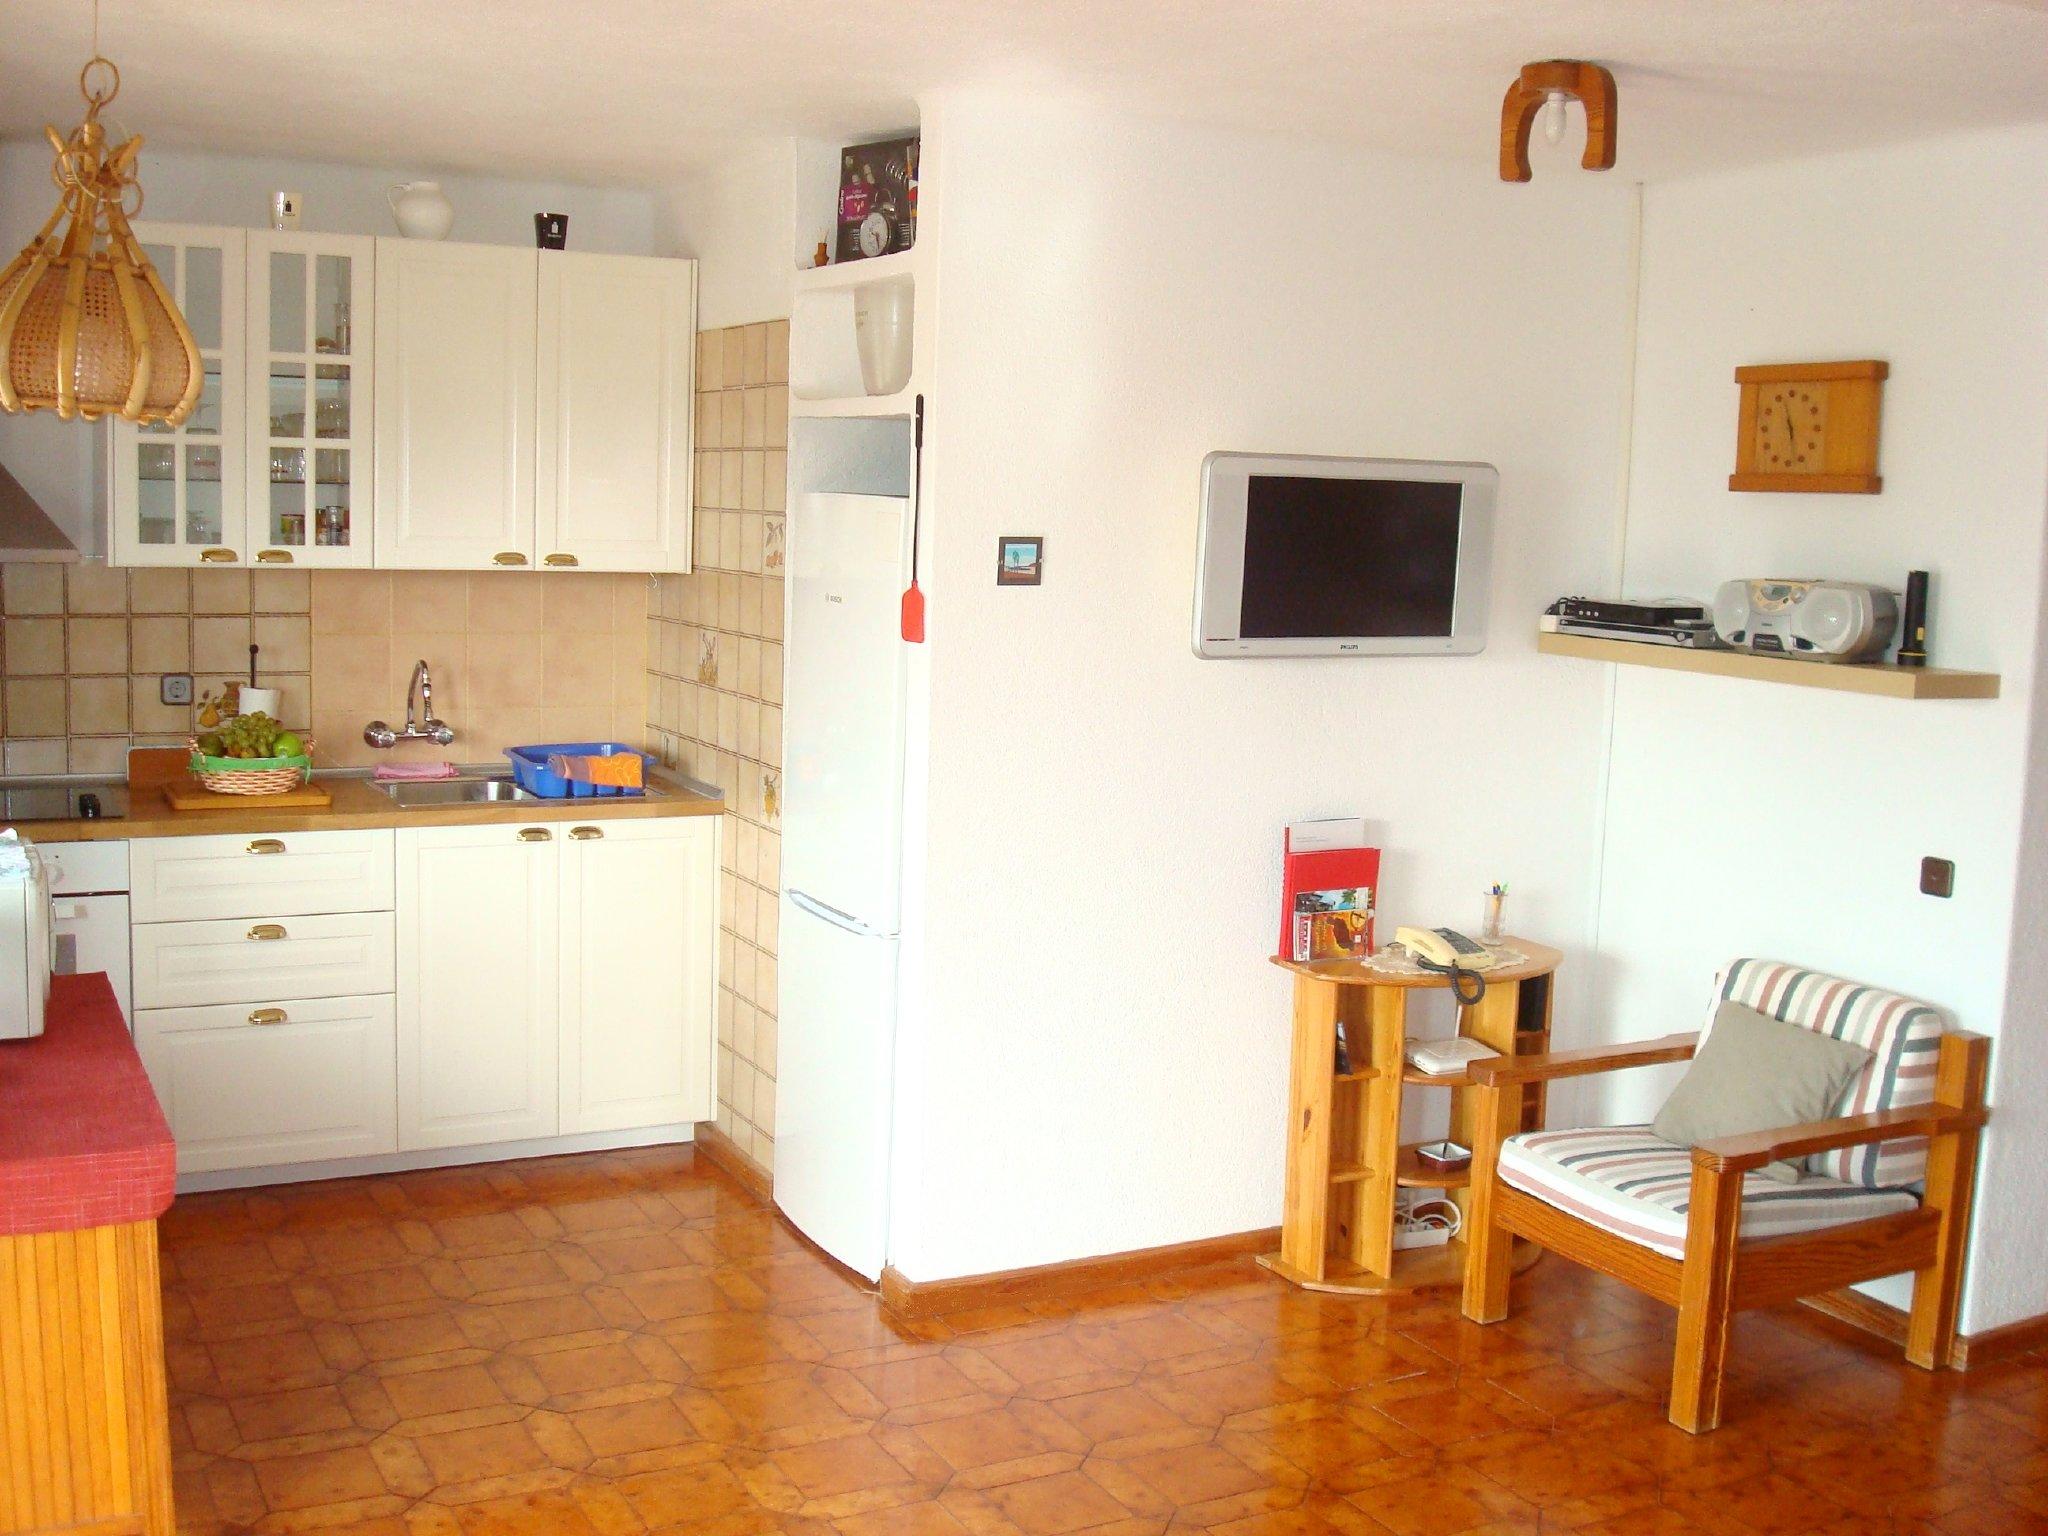 Offene Wohnraum-küche